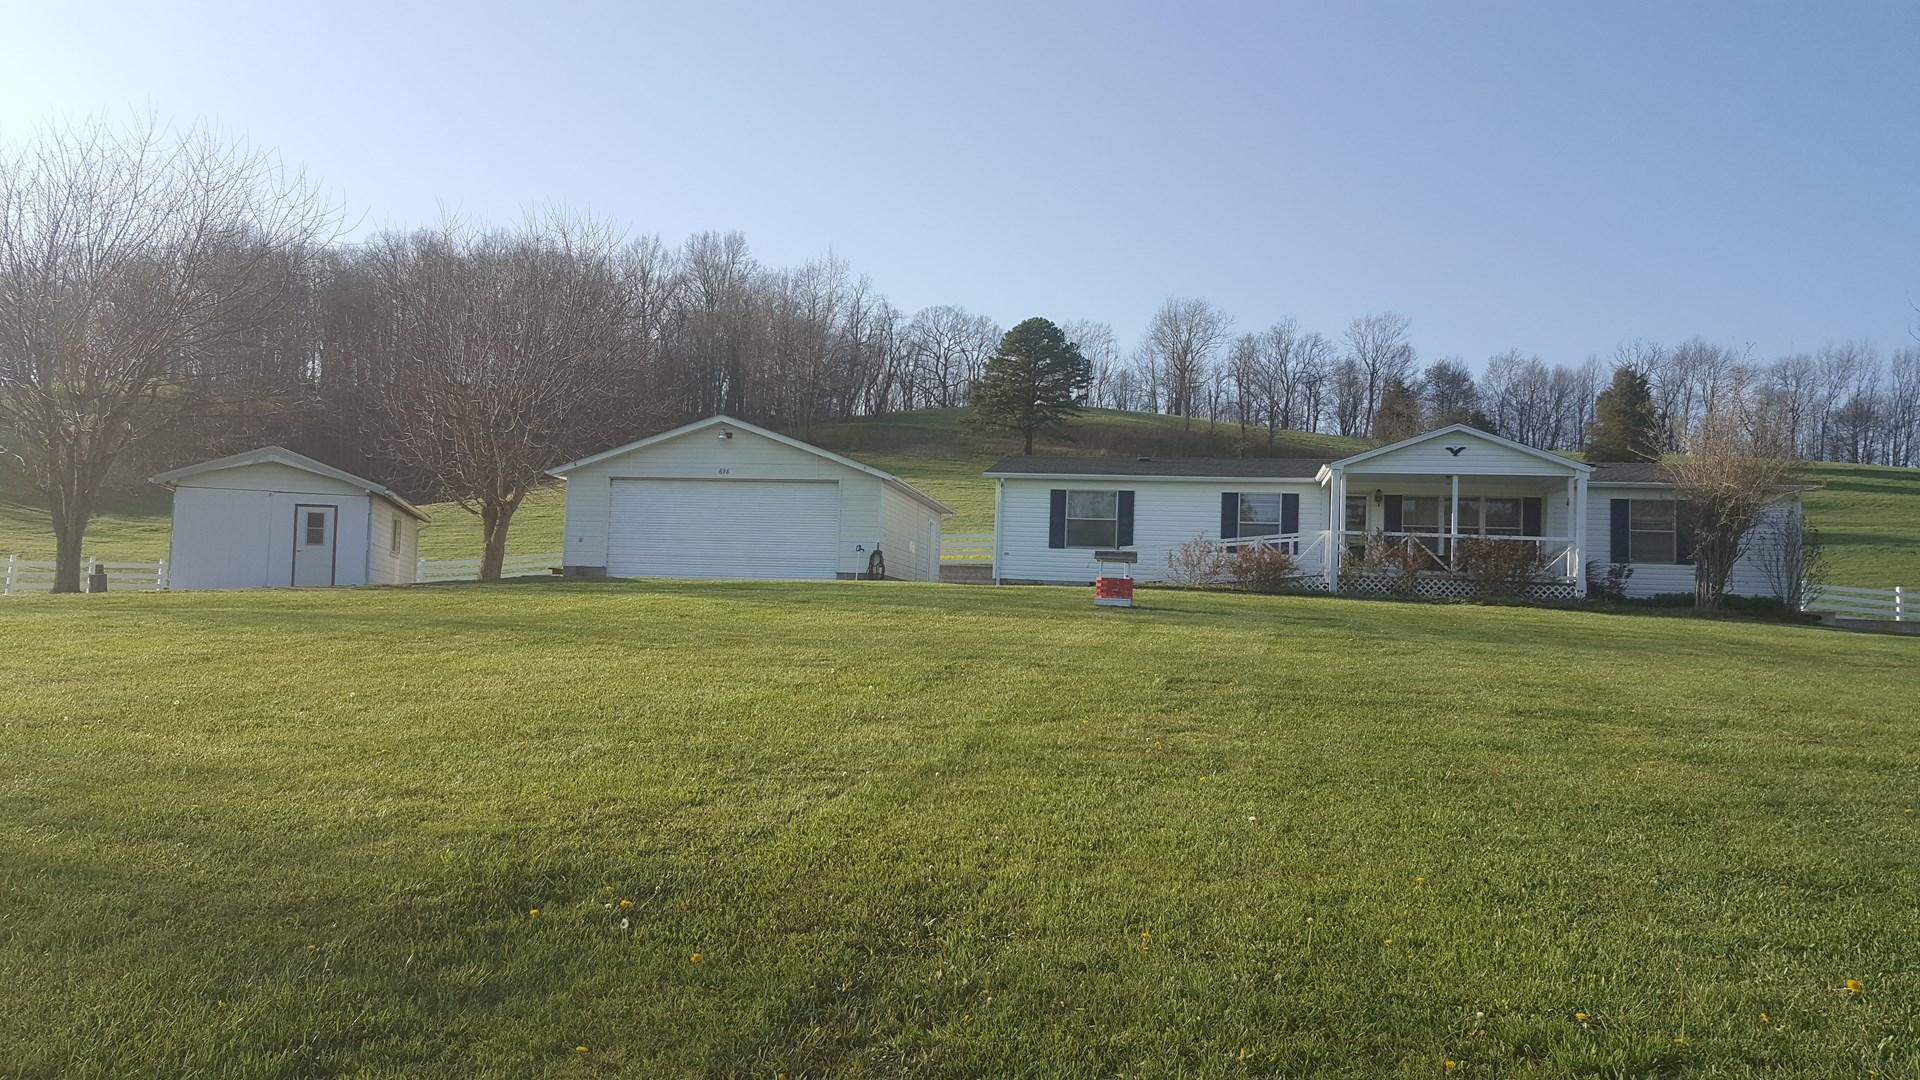 Peaceful Country Setting in Rural Retreat, VA